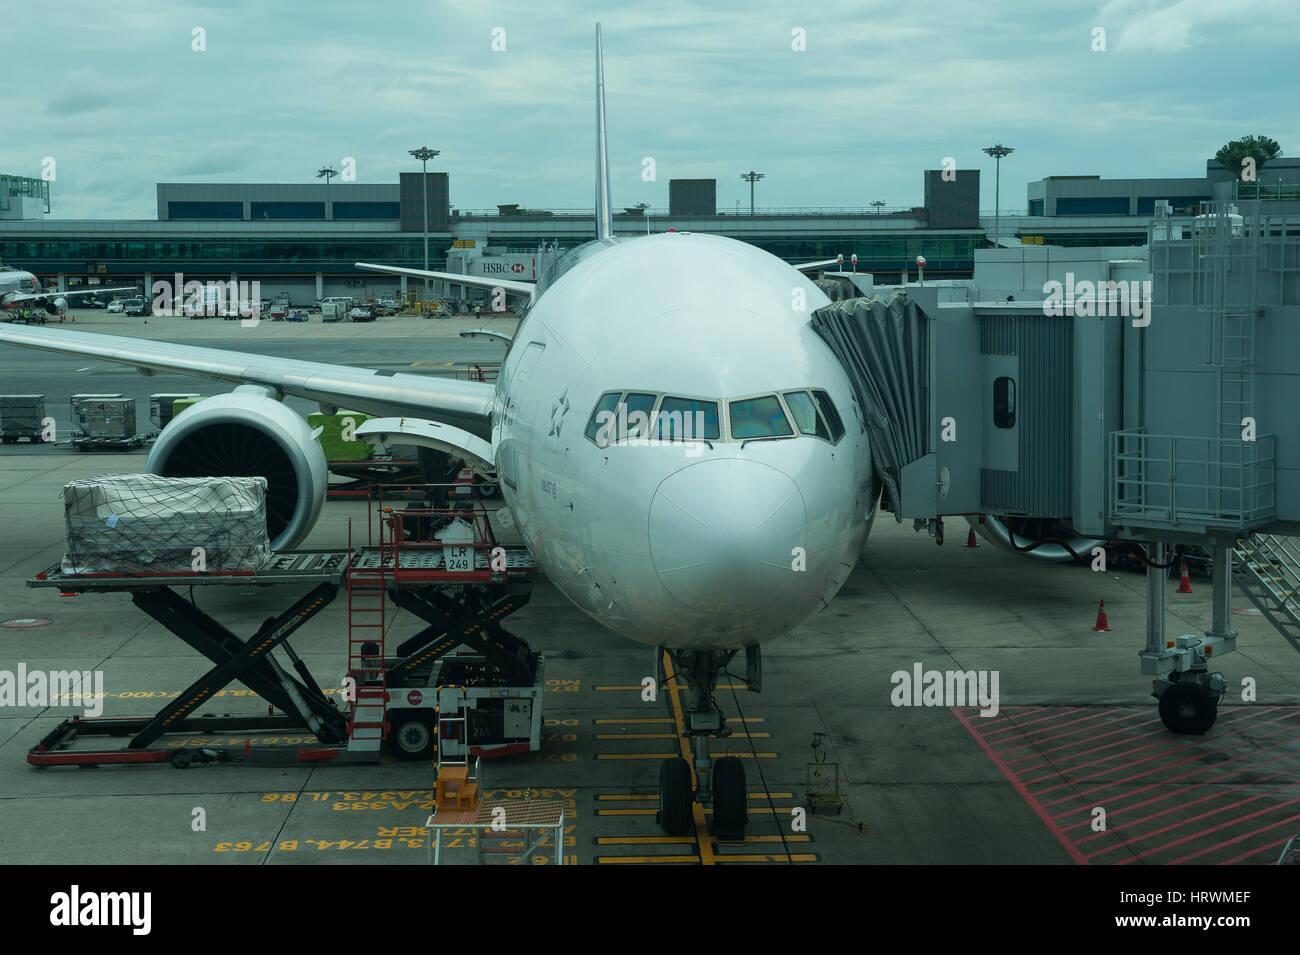 25.01.2017, Singapur, República de Singapur, Asia - un avión de pasajeros de Thai Airways está estacionado en una puerta de la Terminal 1 en el Aeropuerto de Changi de Singapur. Foto de stock